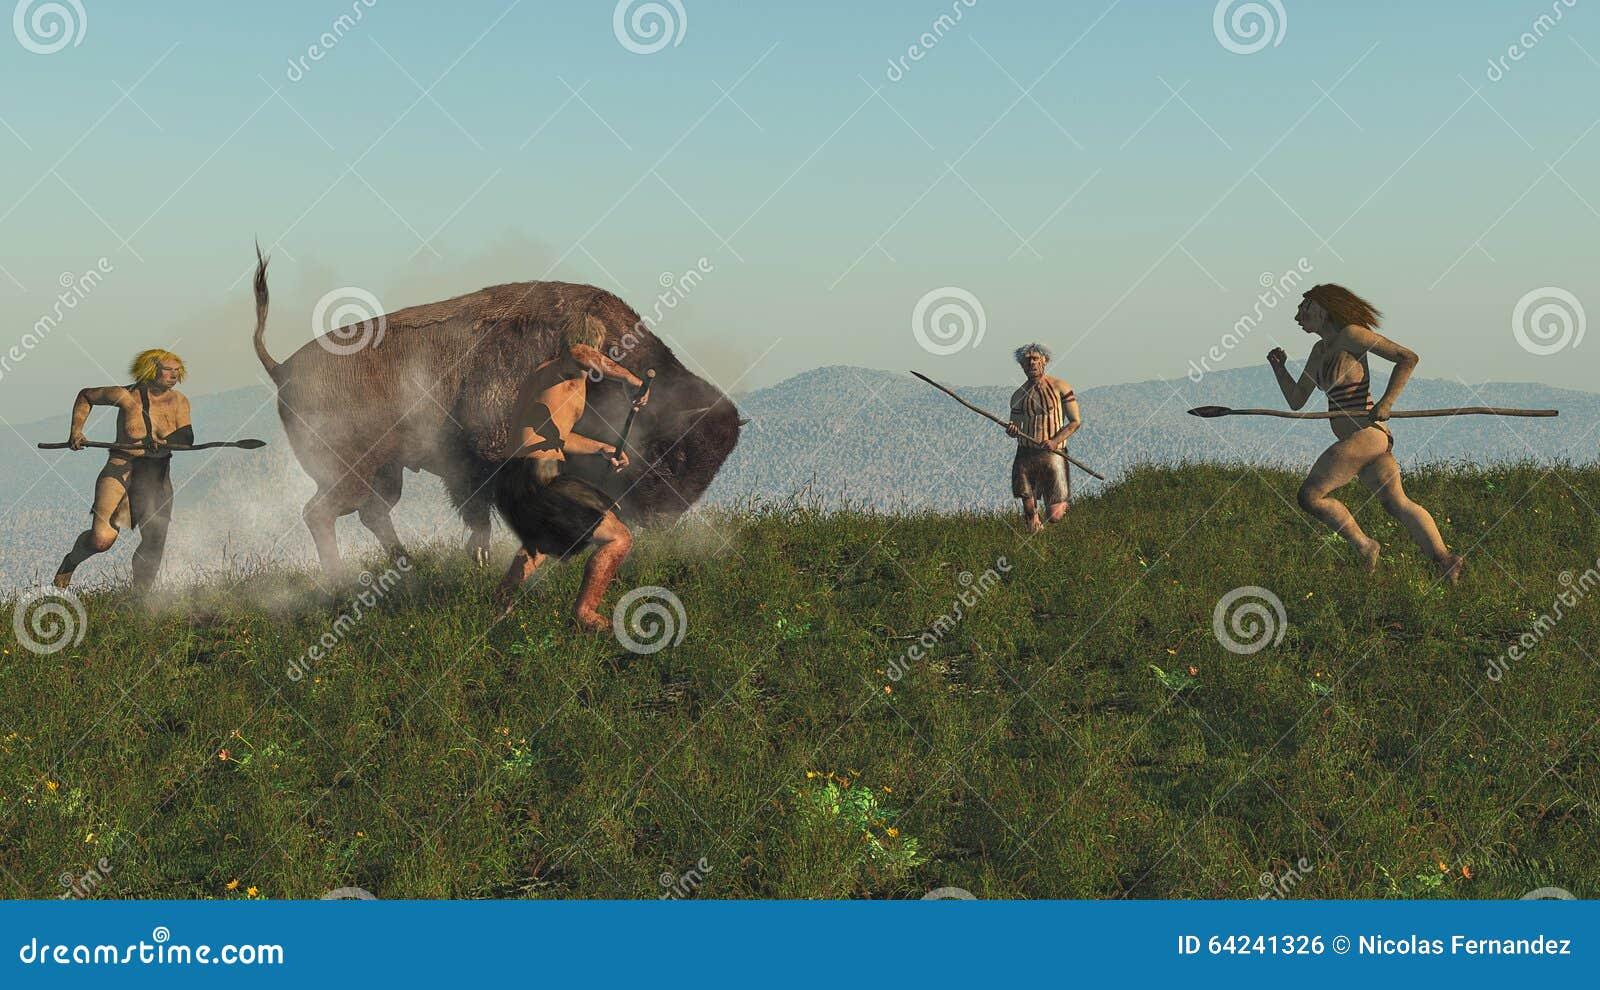 groep-neanderthaler-jagend-een-bizon-64241326.jpg